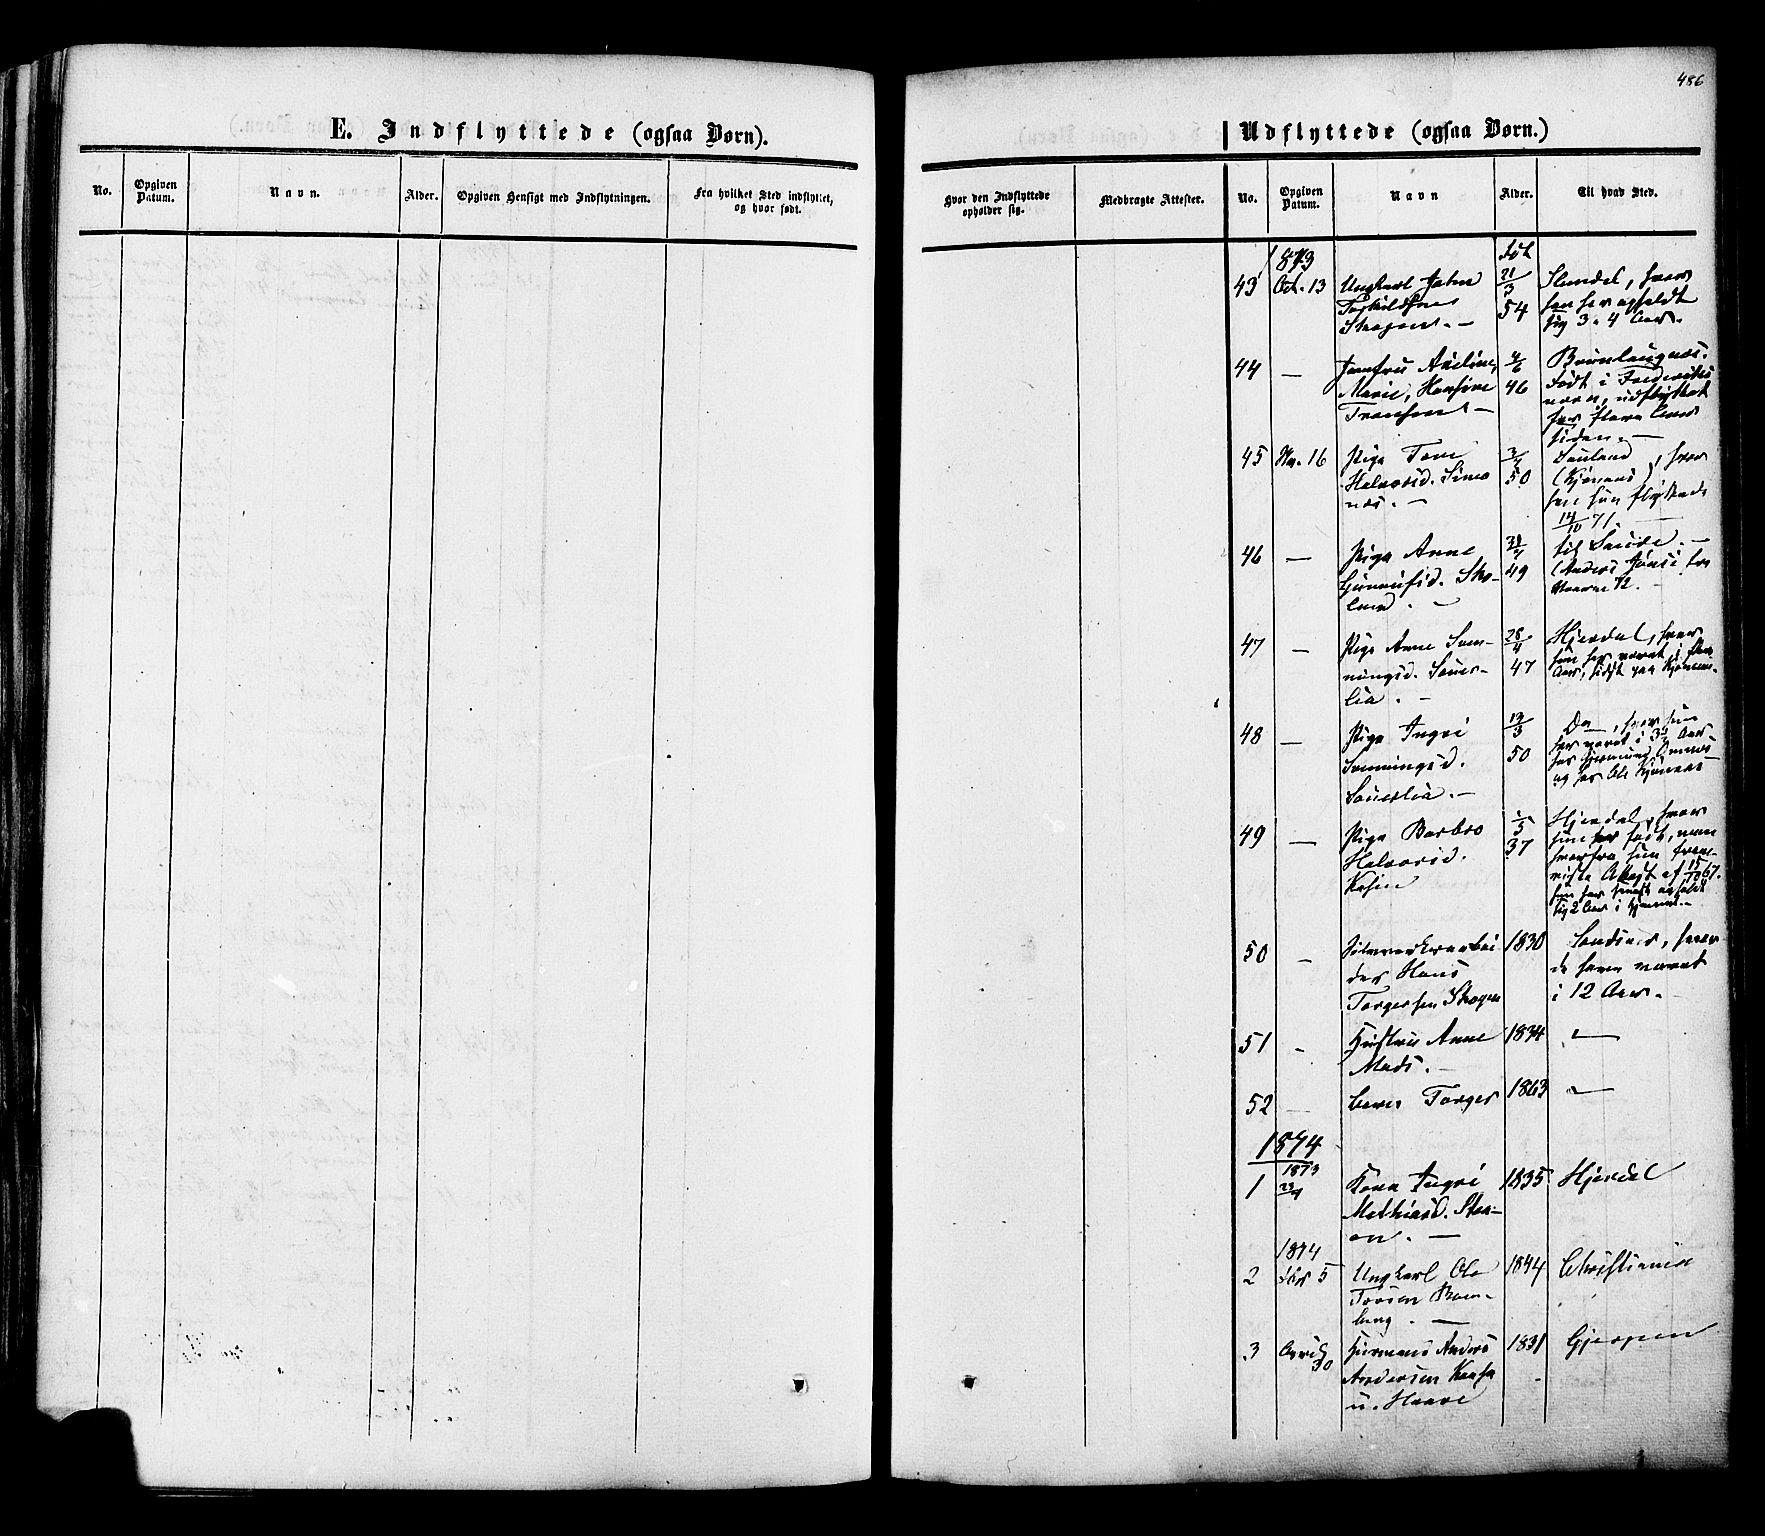 SAKO, Heddal kirkebøker, F/Fa/L0007: Ministerialbok nr. I 7, 1855-1877, s. 486